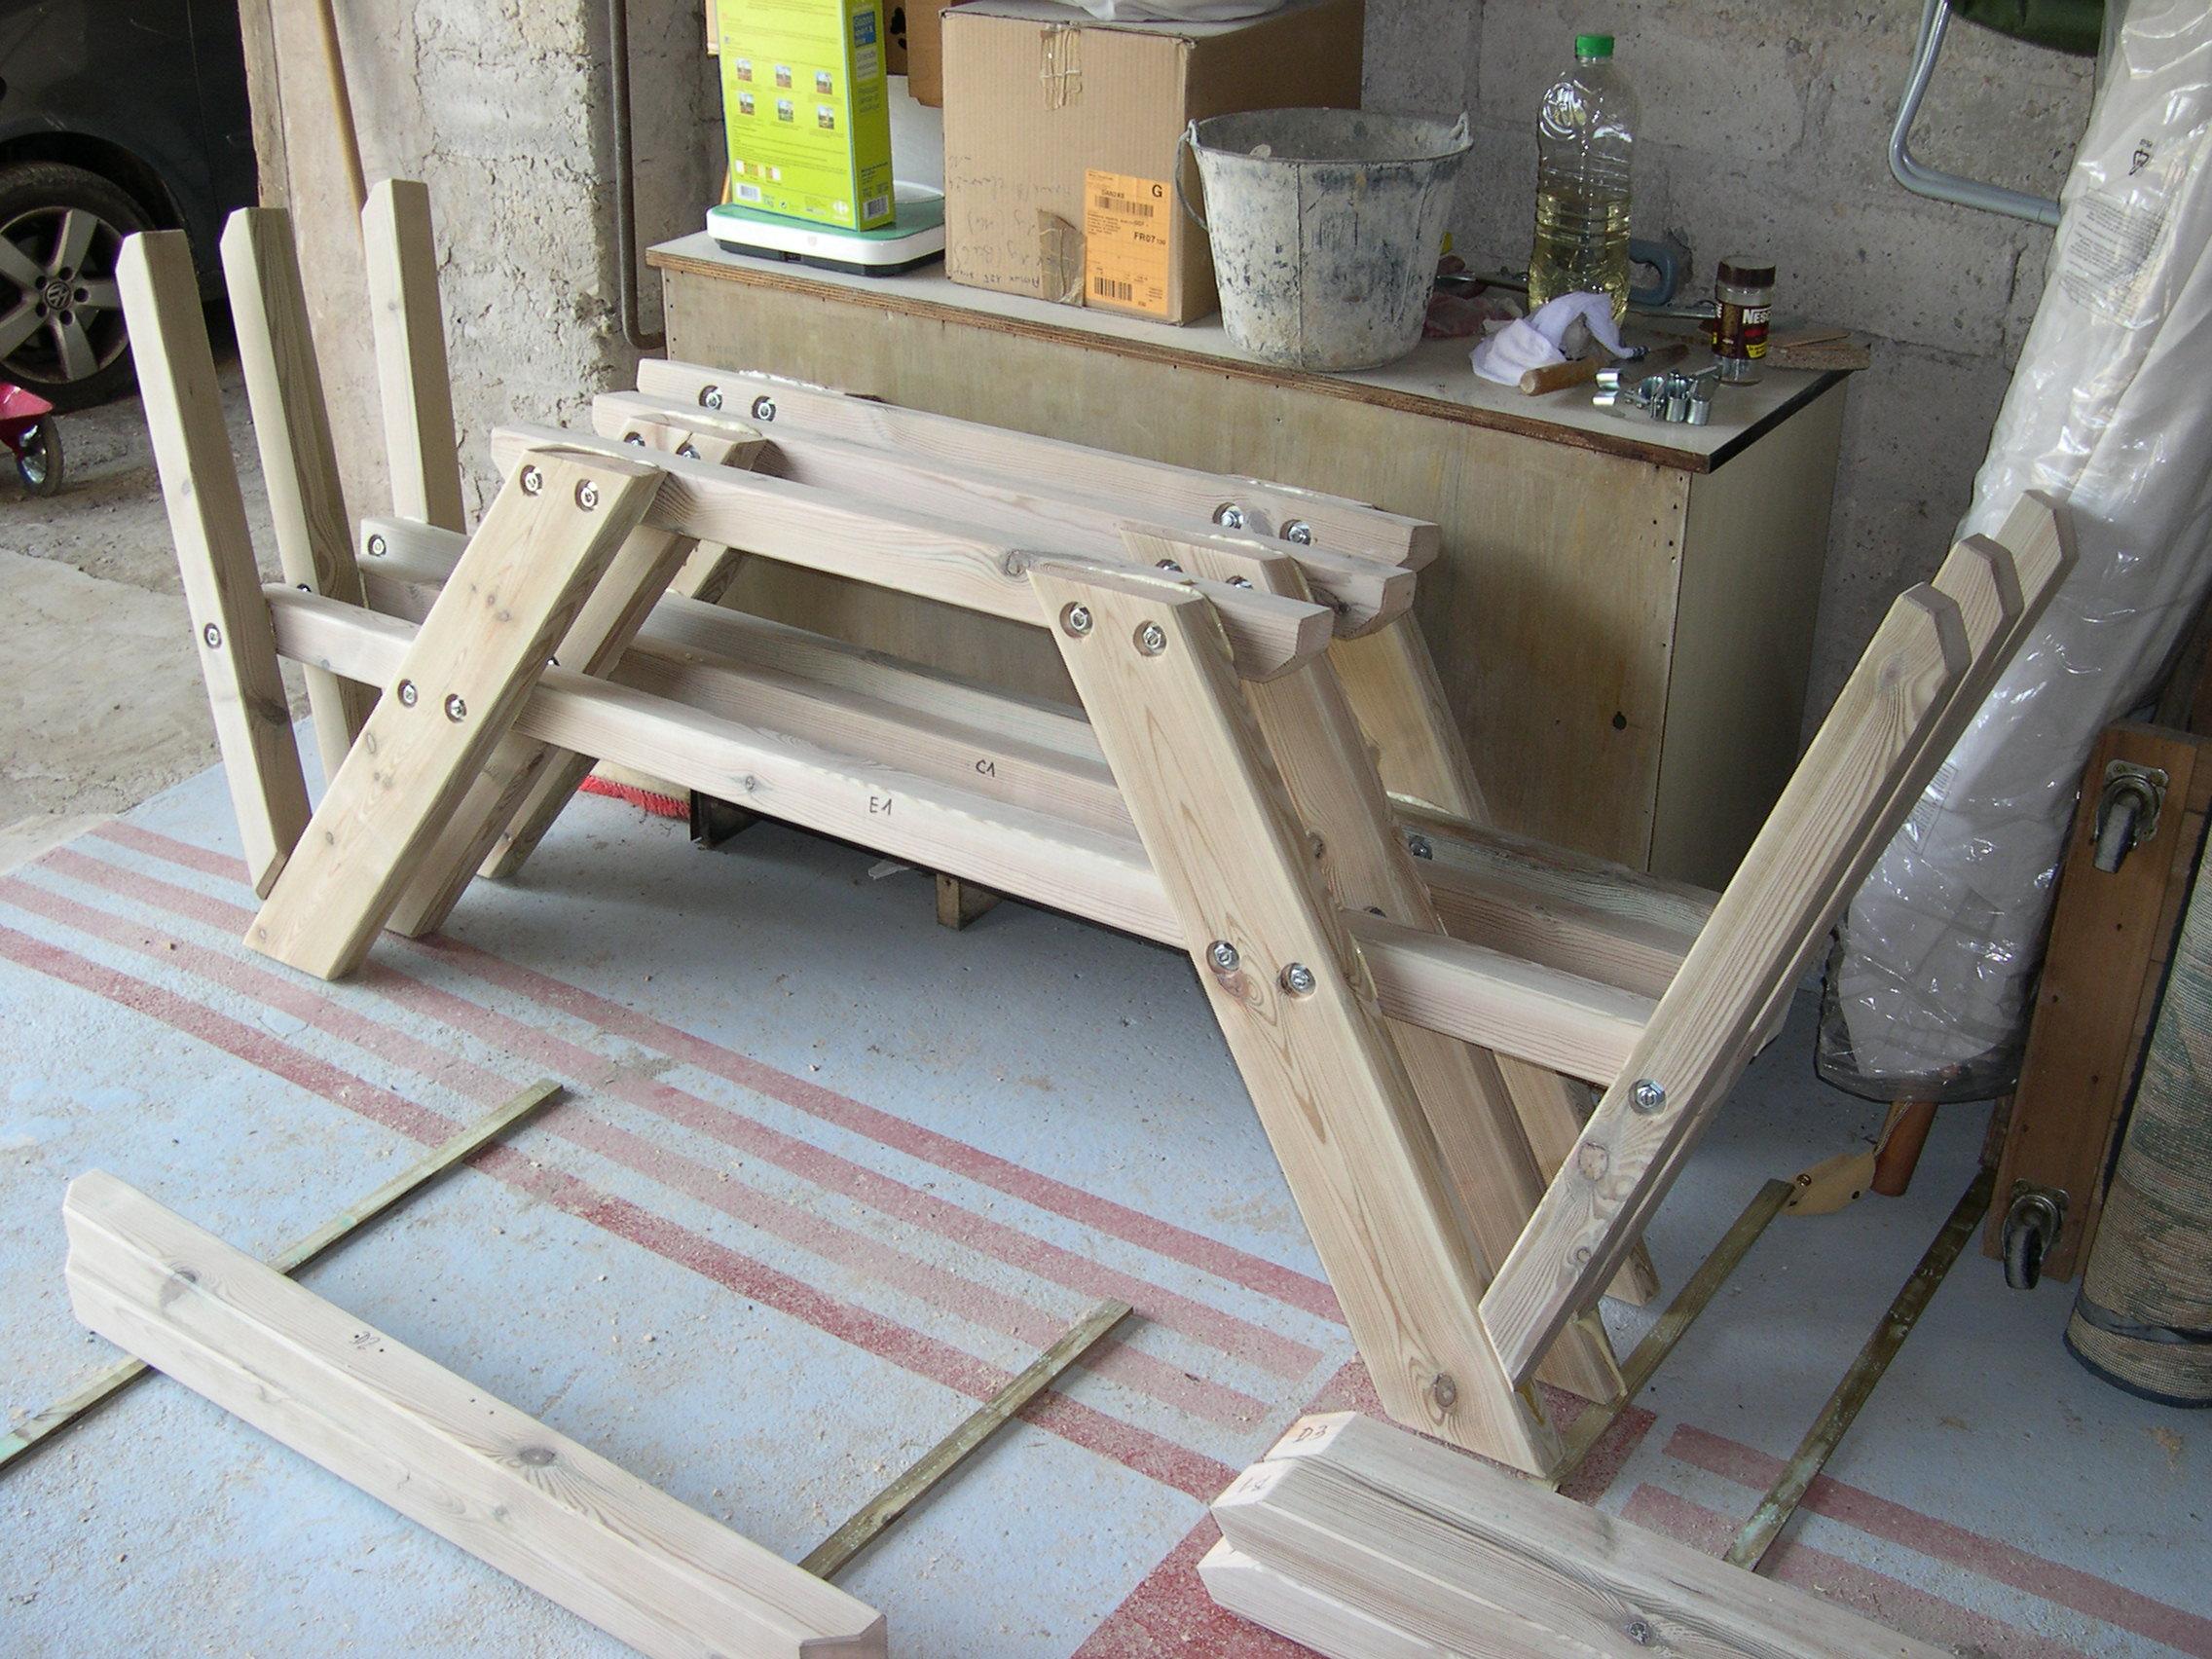 plan pour fabriquer une table de jardin en bois - fashion designs - Plan Pour Fabriquer Une Table De Jardin En Bois